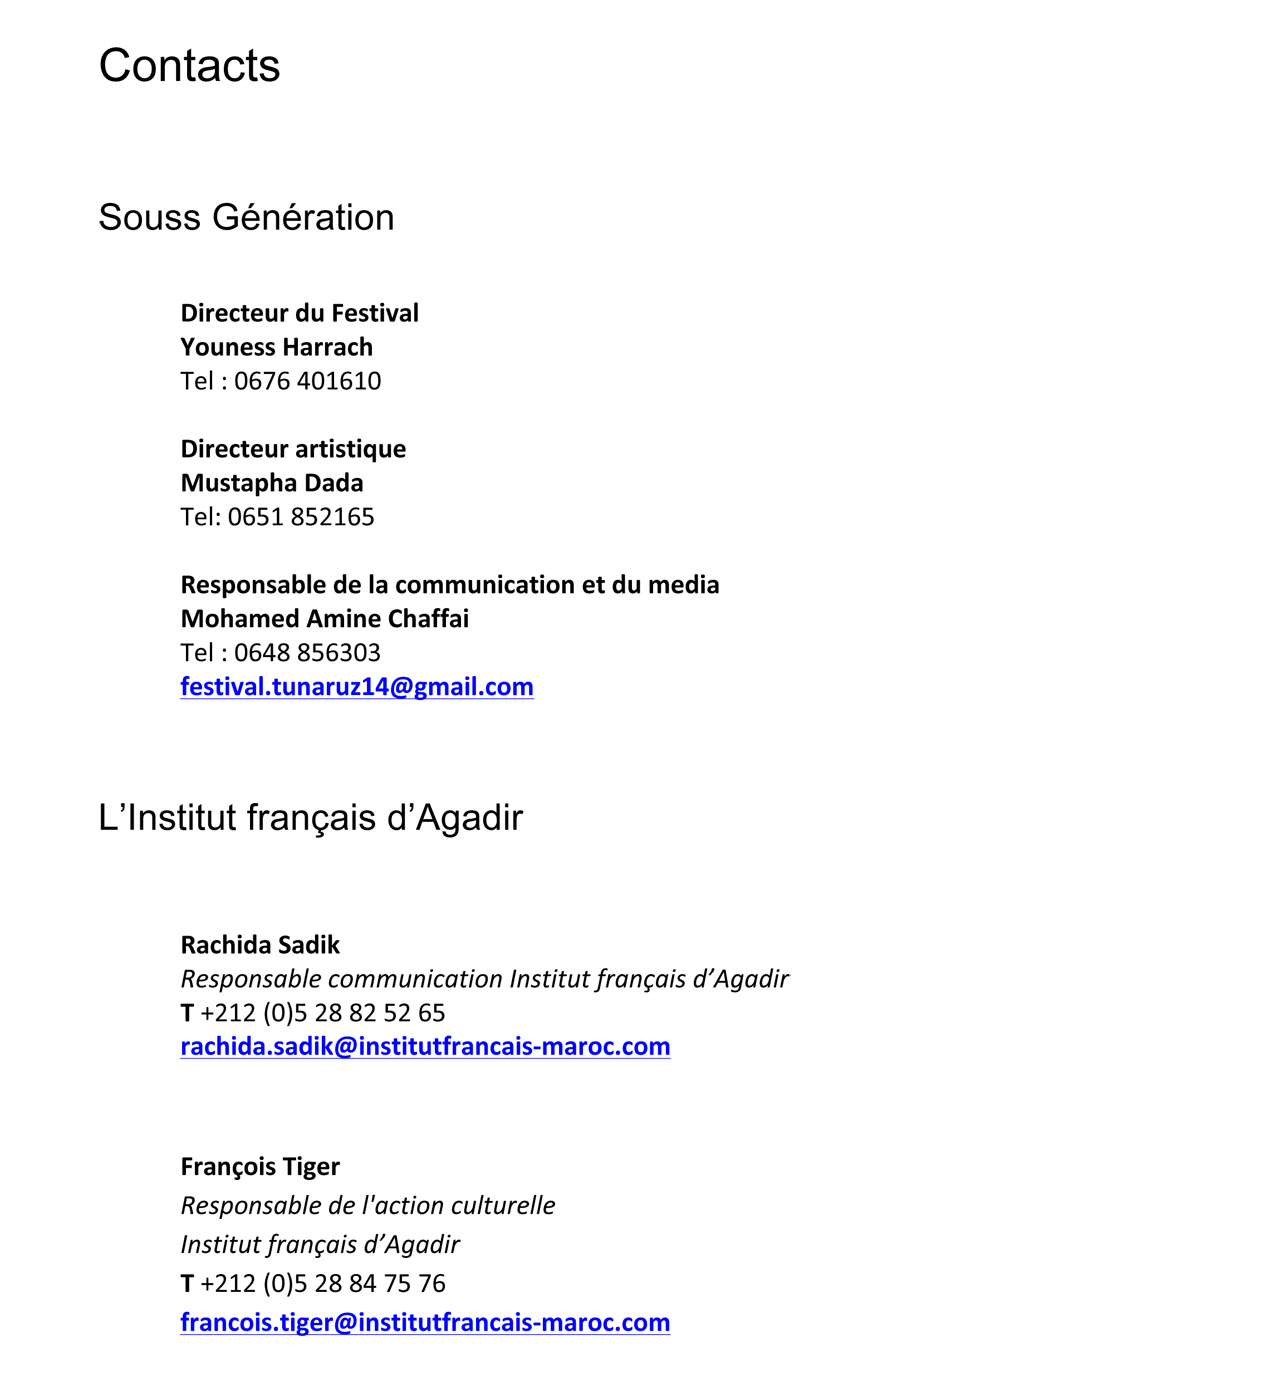 Microsoft Word - DOSSIER DE PRESSE TUNARUZ[1][1].docx